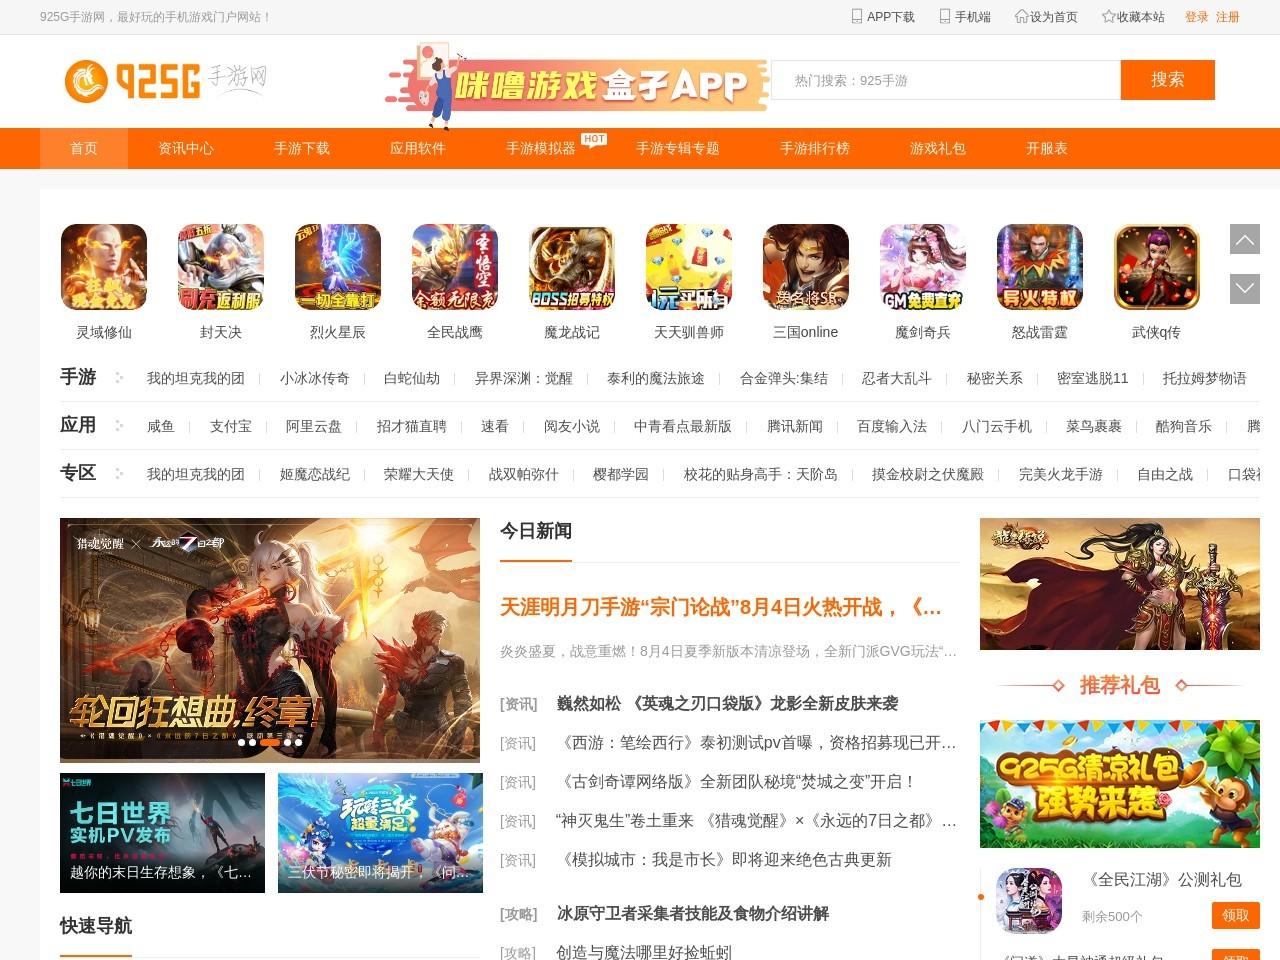 925G手游网_最好玩的手机游戏下载门户站_925G.com